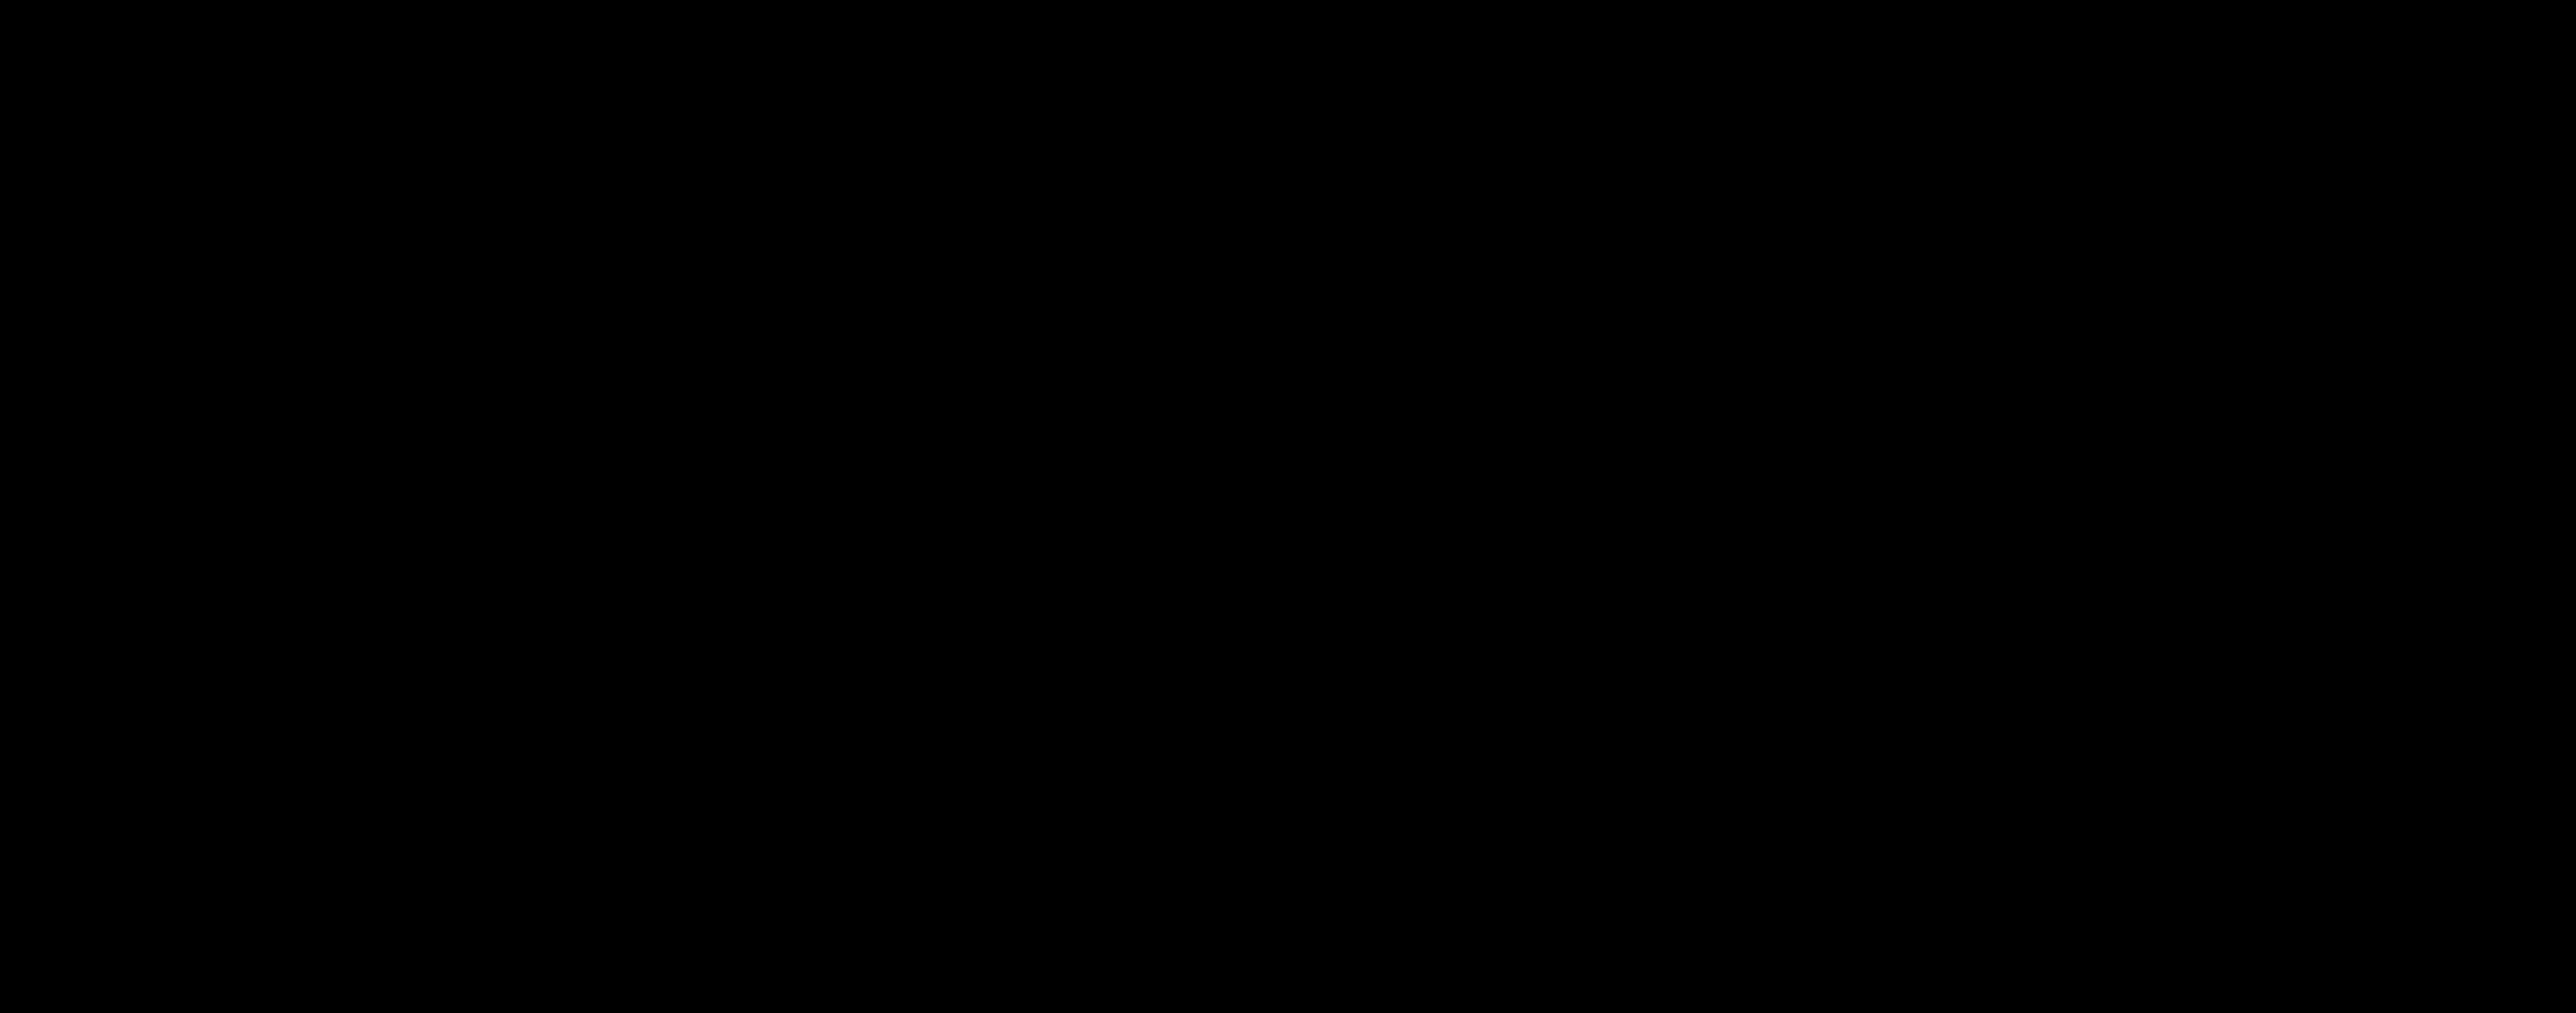 おうちでラクトレ  シェイプアップ大作戦!